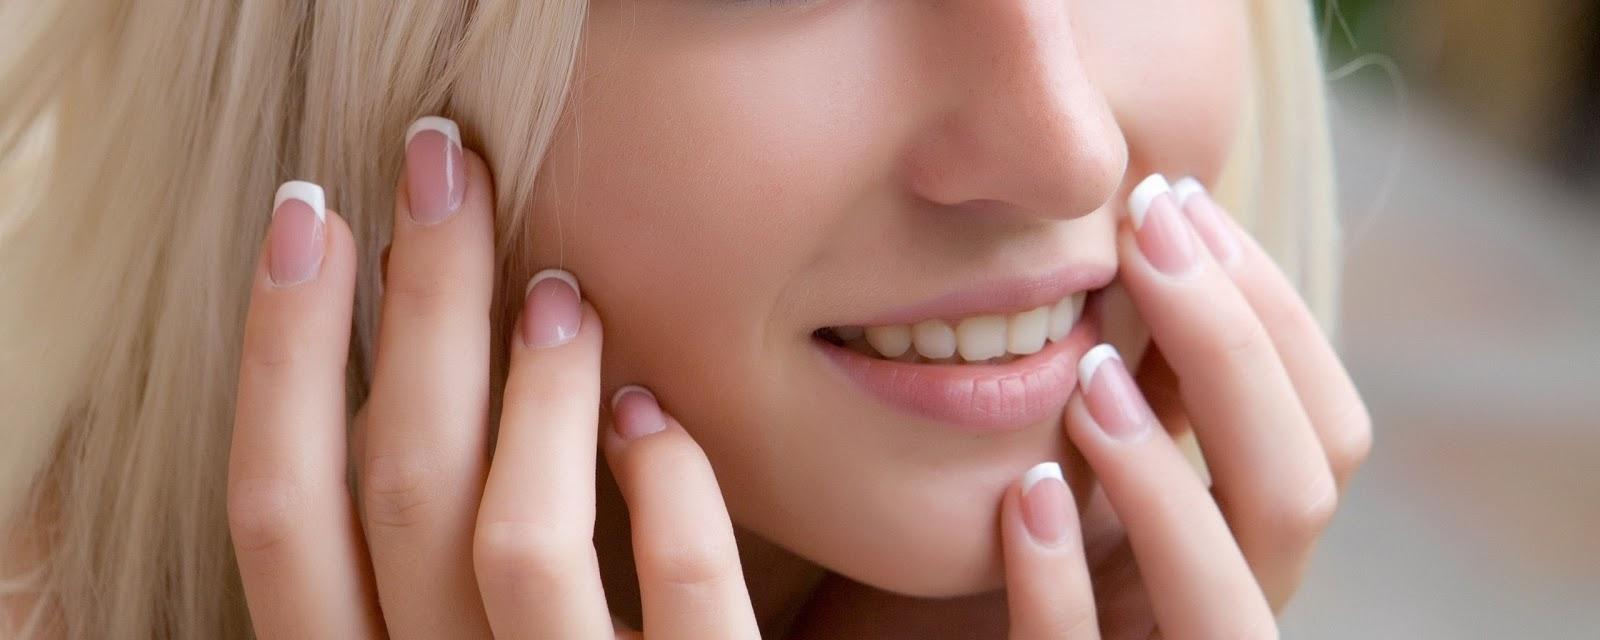 5 bí quyết cho làn da khỏe mạnh - Tiki Tư Vấn